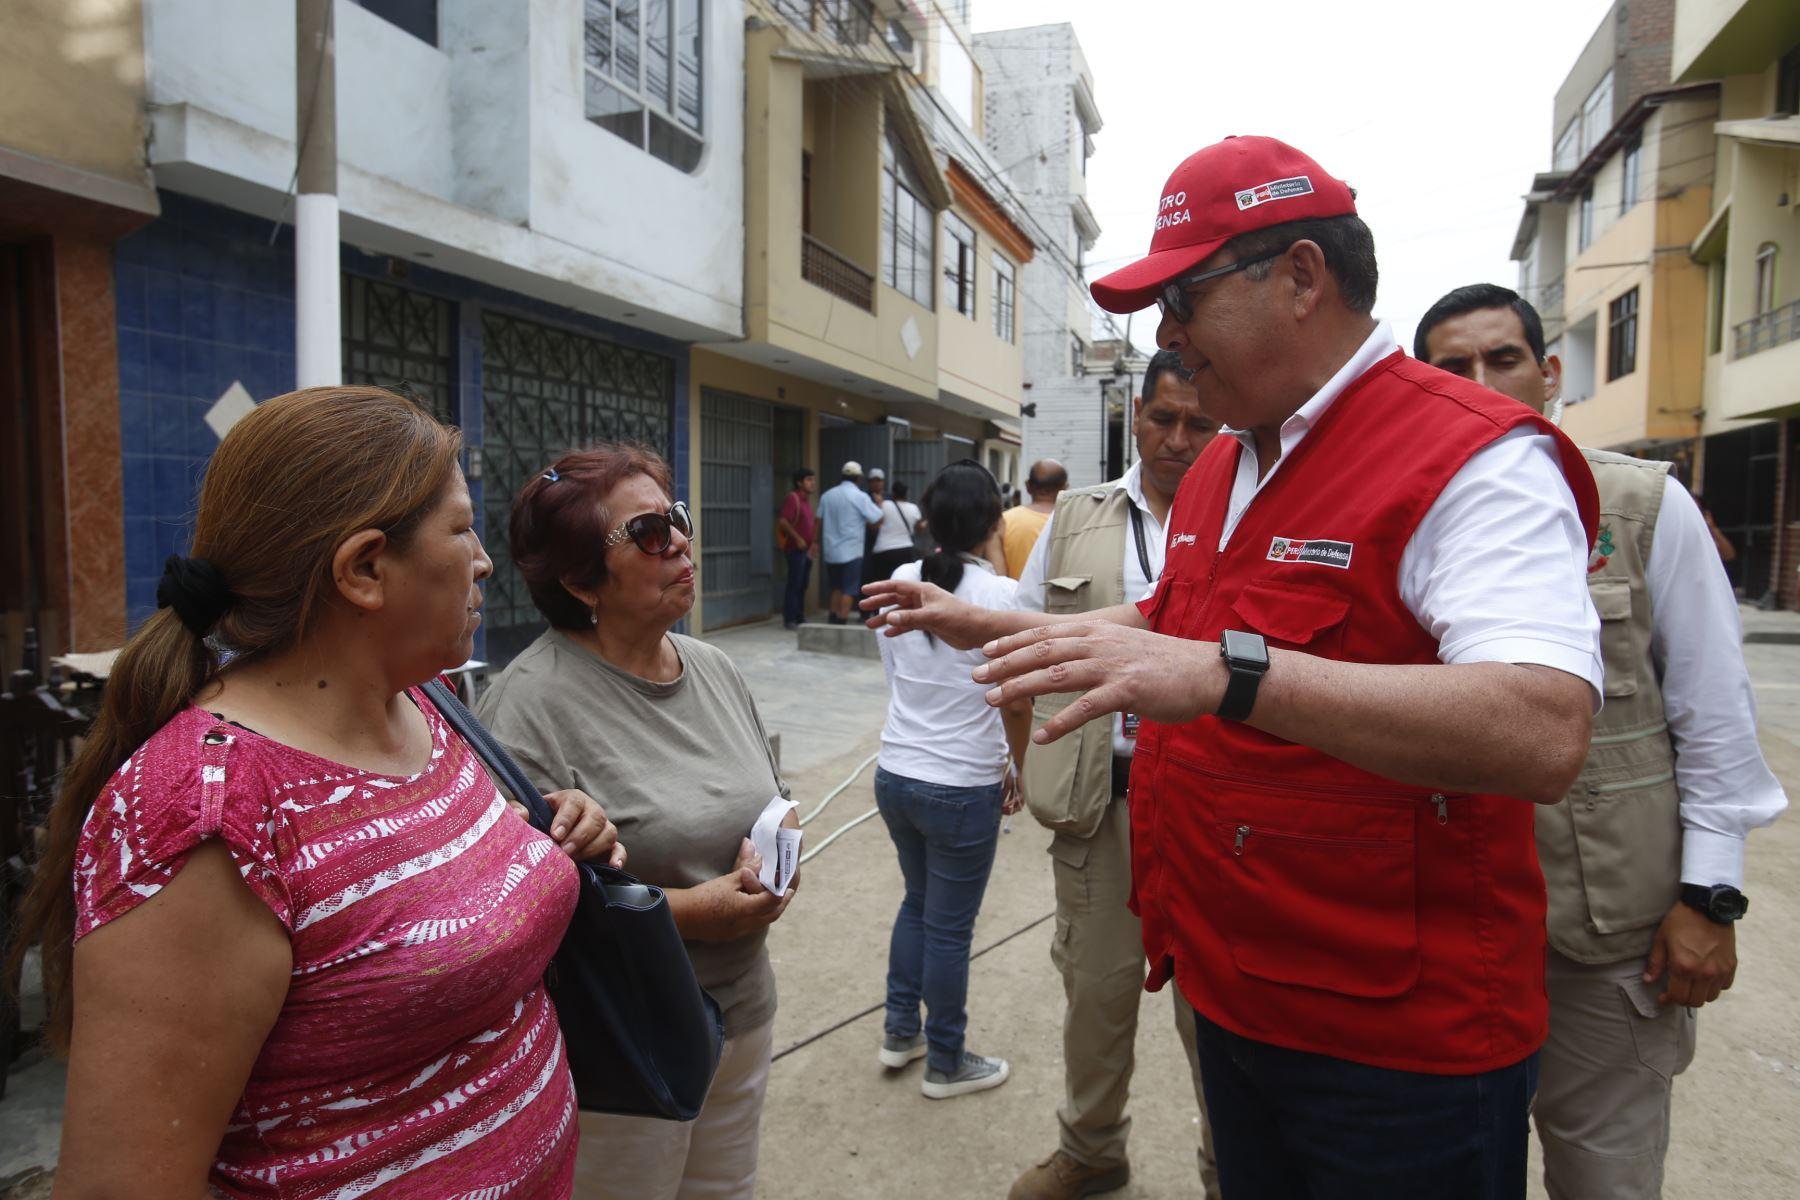 Ministro de Defensa, Jose Huerta Torres inspecciona  las labores de limpieza en la zona del aniego en San Juan de Lurigancho. Foto: ANDINA/Nathalie Sayago